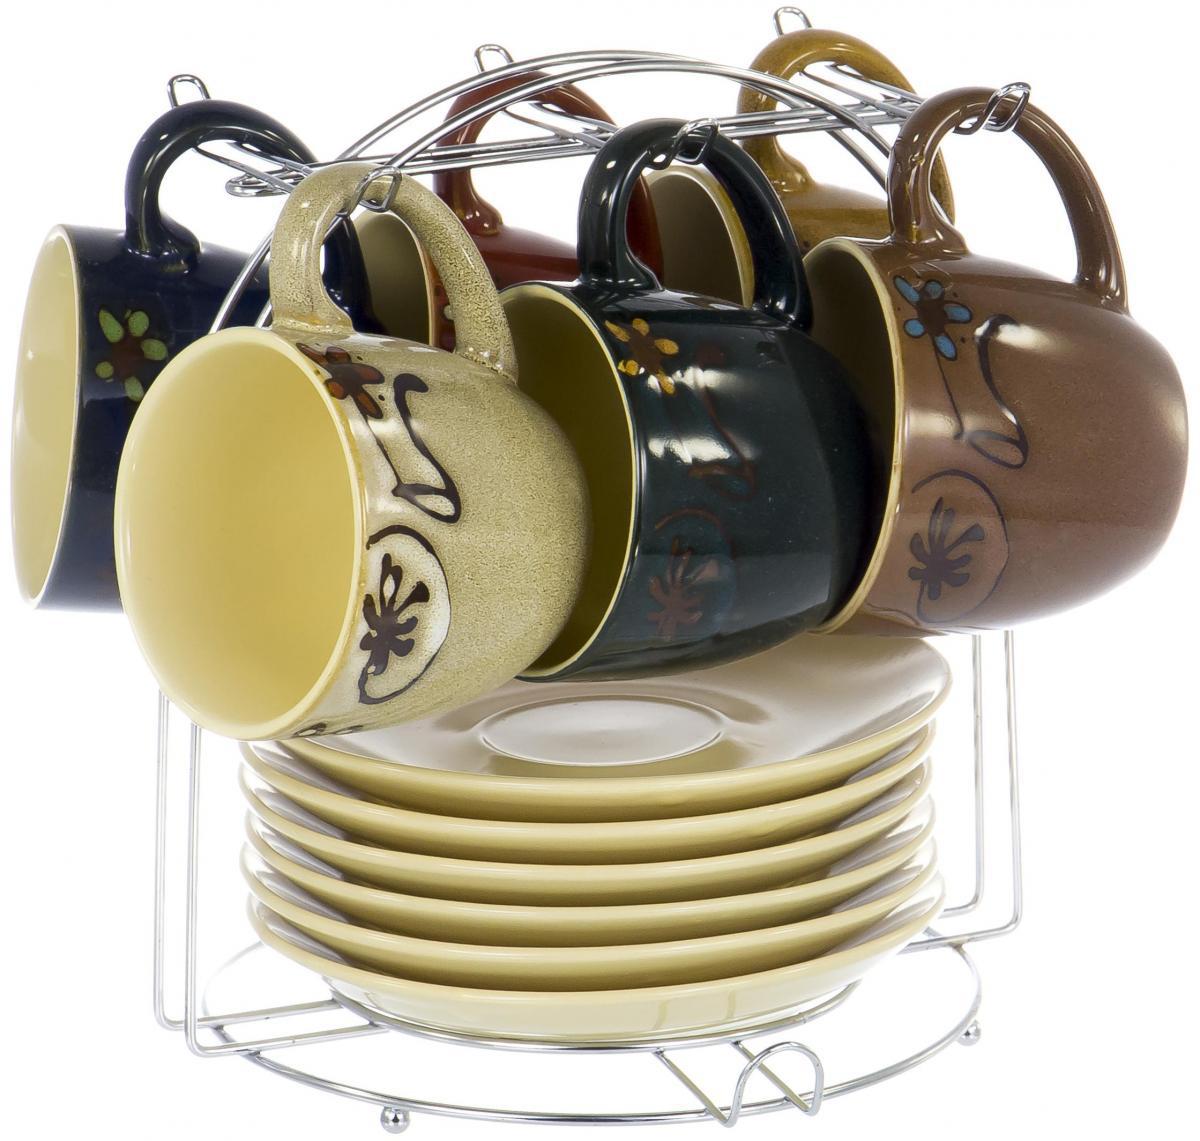 Набор чайный Elrington Кочин, 13 предметов. YC-296-GZ-04YC-296-GZ-04Чайный набор Кочин на шесть персон включает в себя шесть чашек 250 мл, шесть блюдец и металлическую подставку, которая позволит сэкономить место на кухне. Посуда выполнена из керамики и декорирована глазурью шести разных цветов. Демократичный набор для повседневного использования и семейных посиделок.